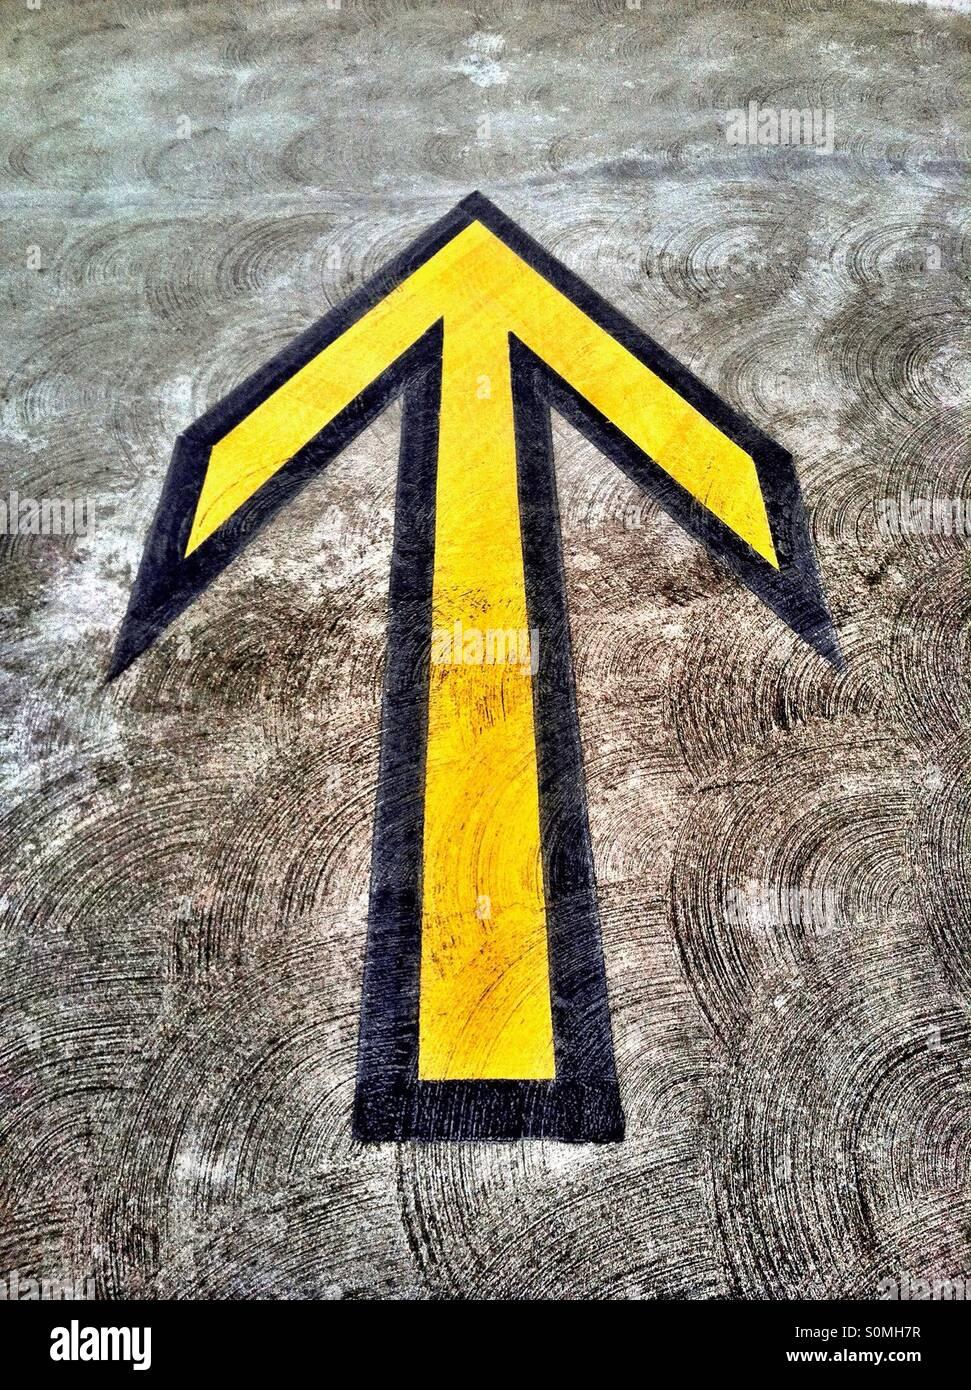 Flecha amarilla sobre pavimento en estructura de estacionamiento Imagen De Stock